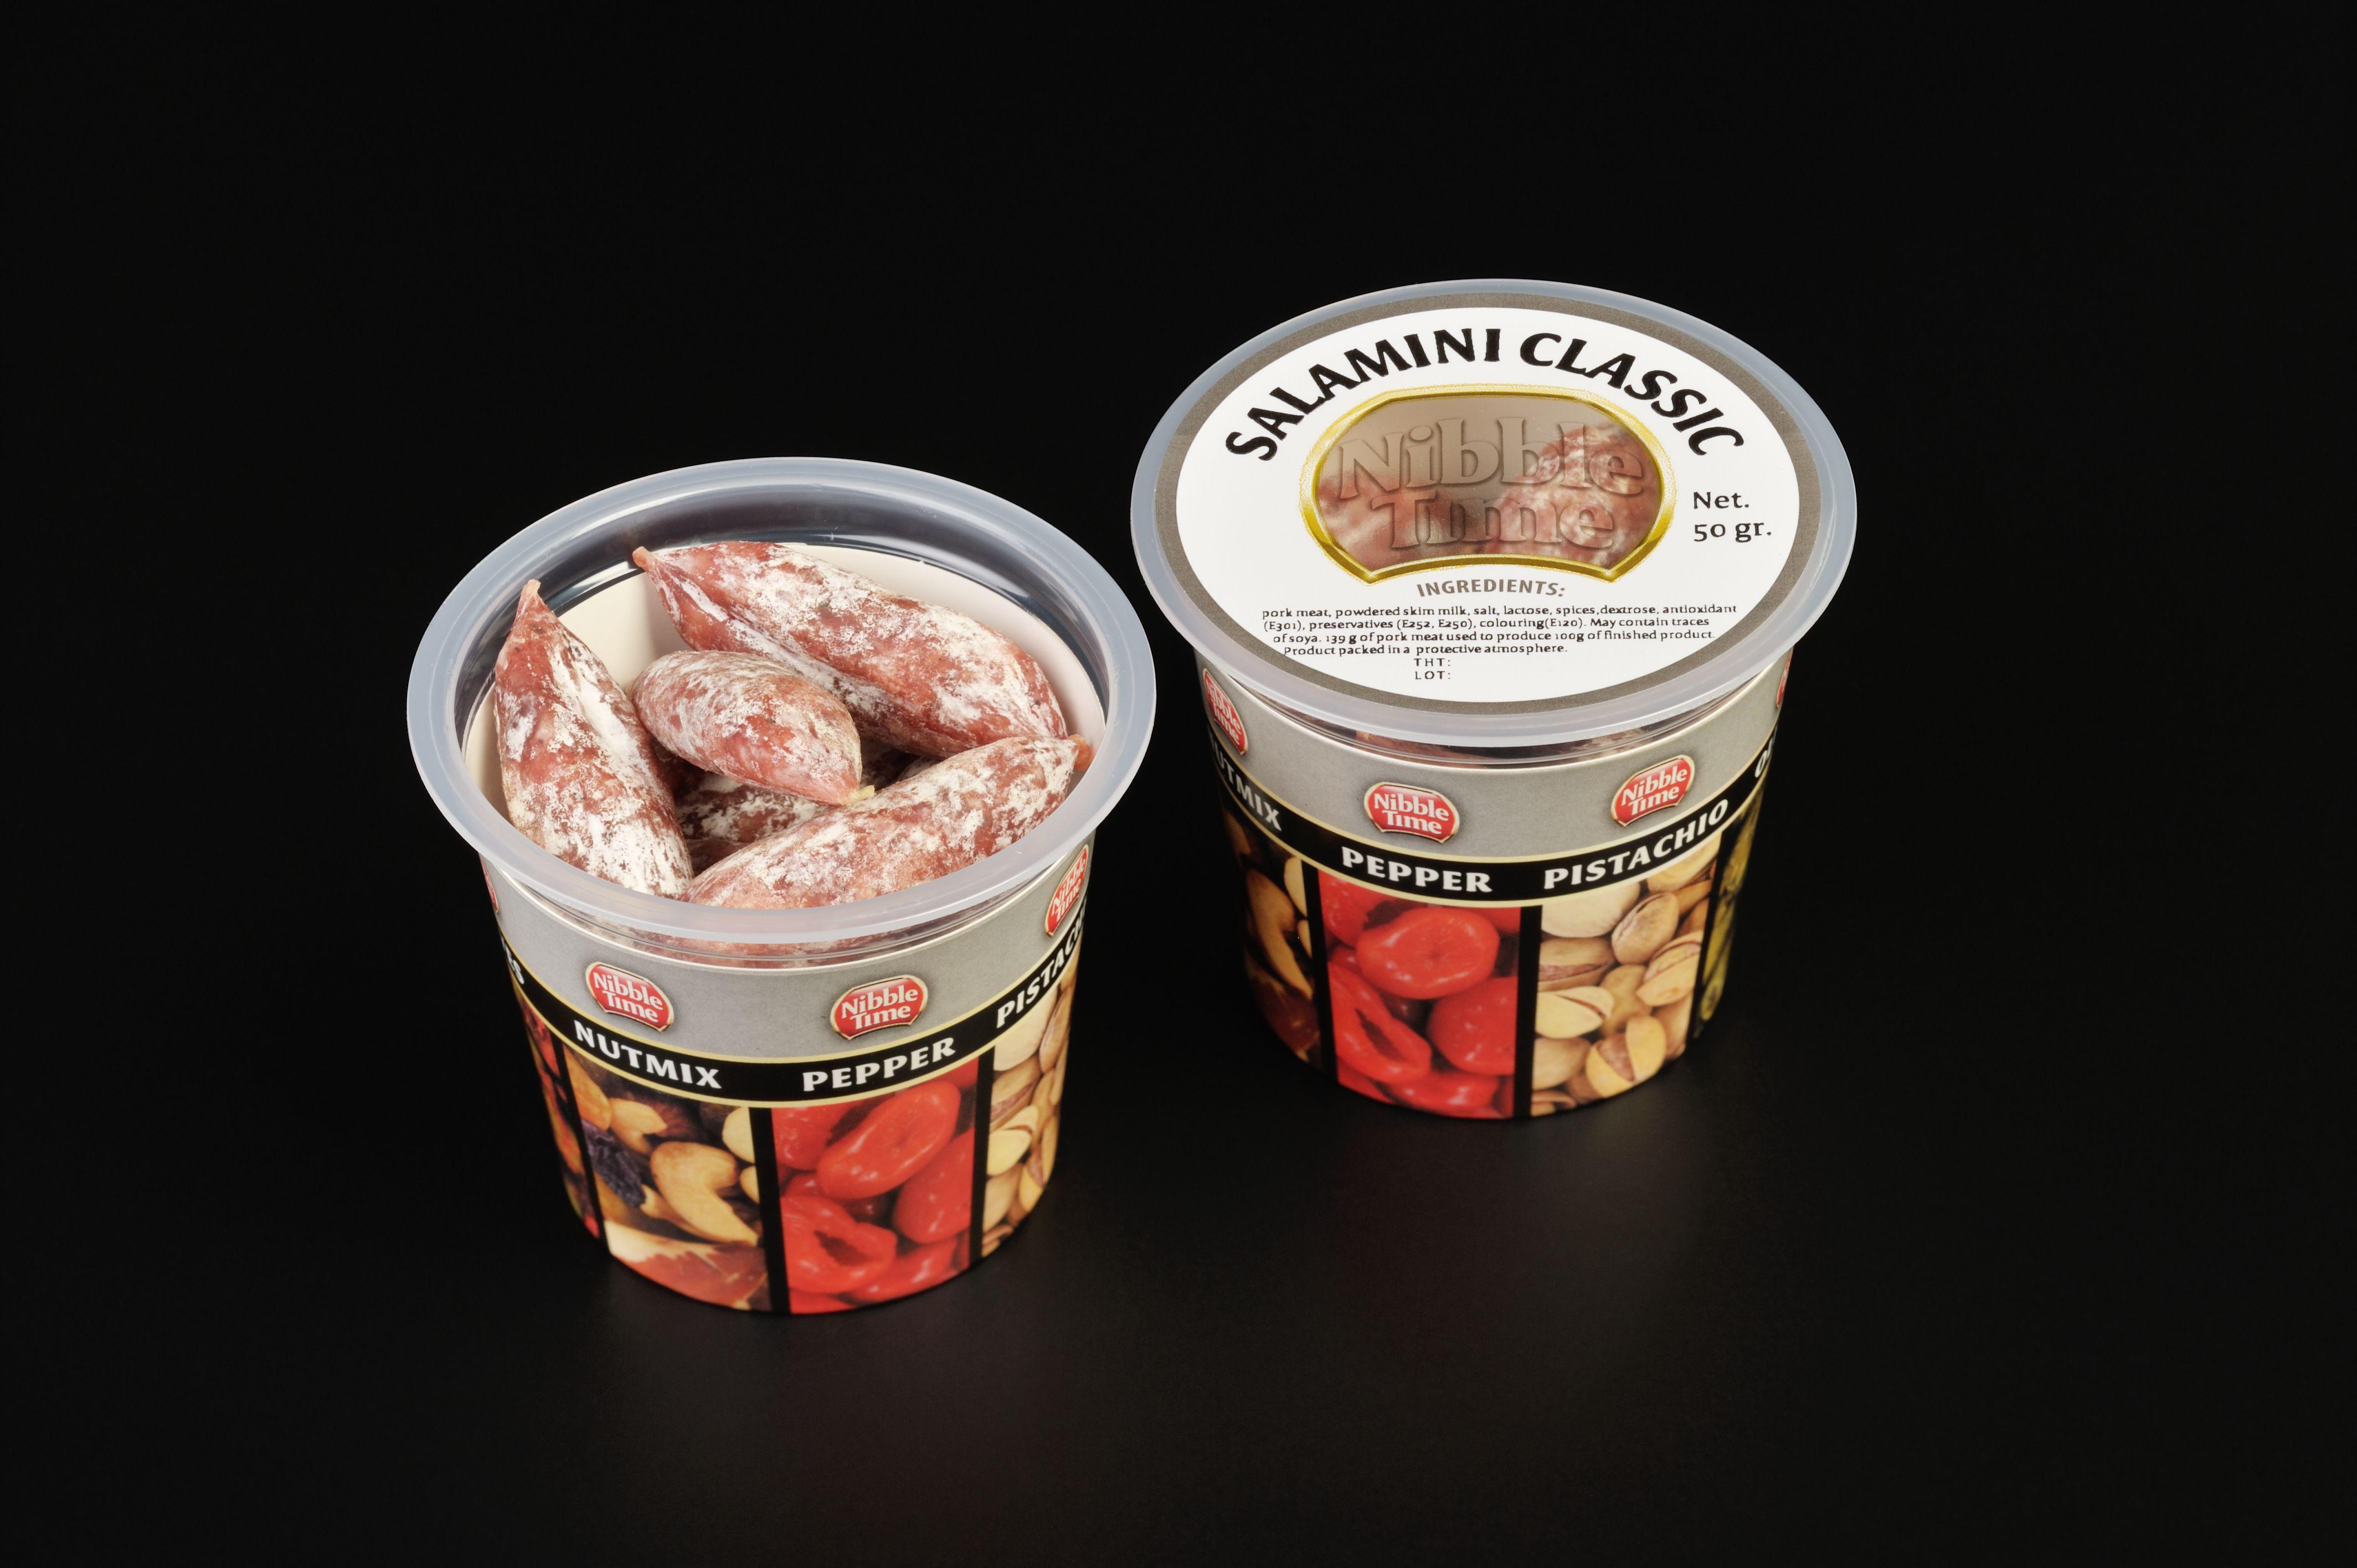 Salamini Classic